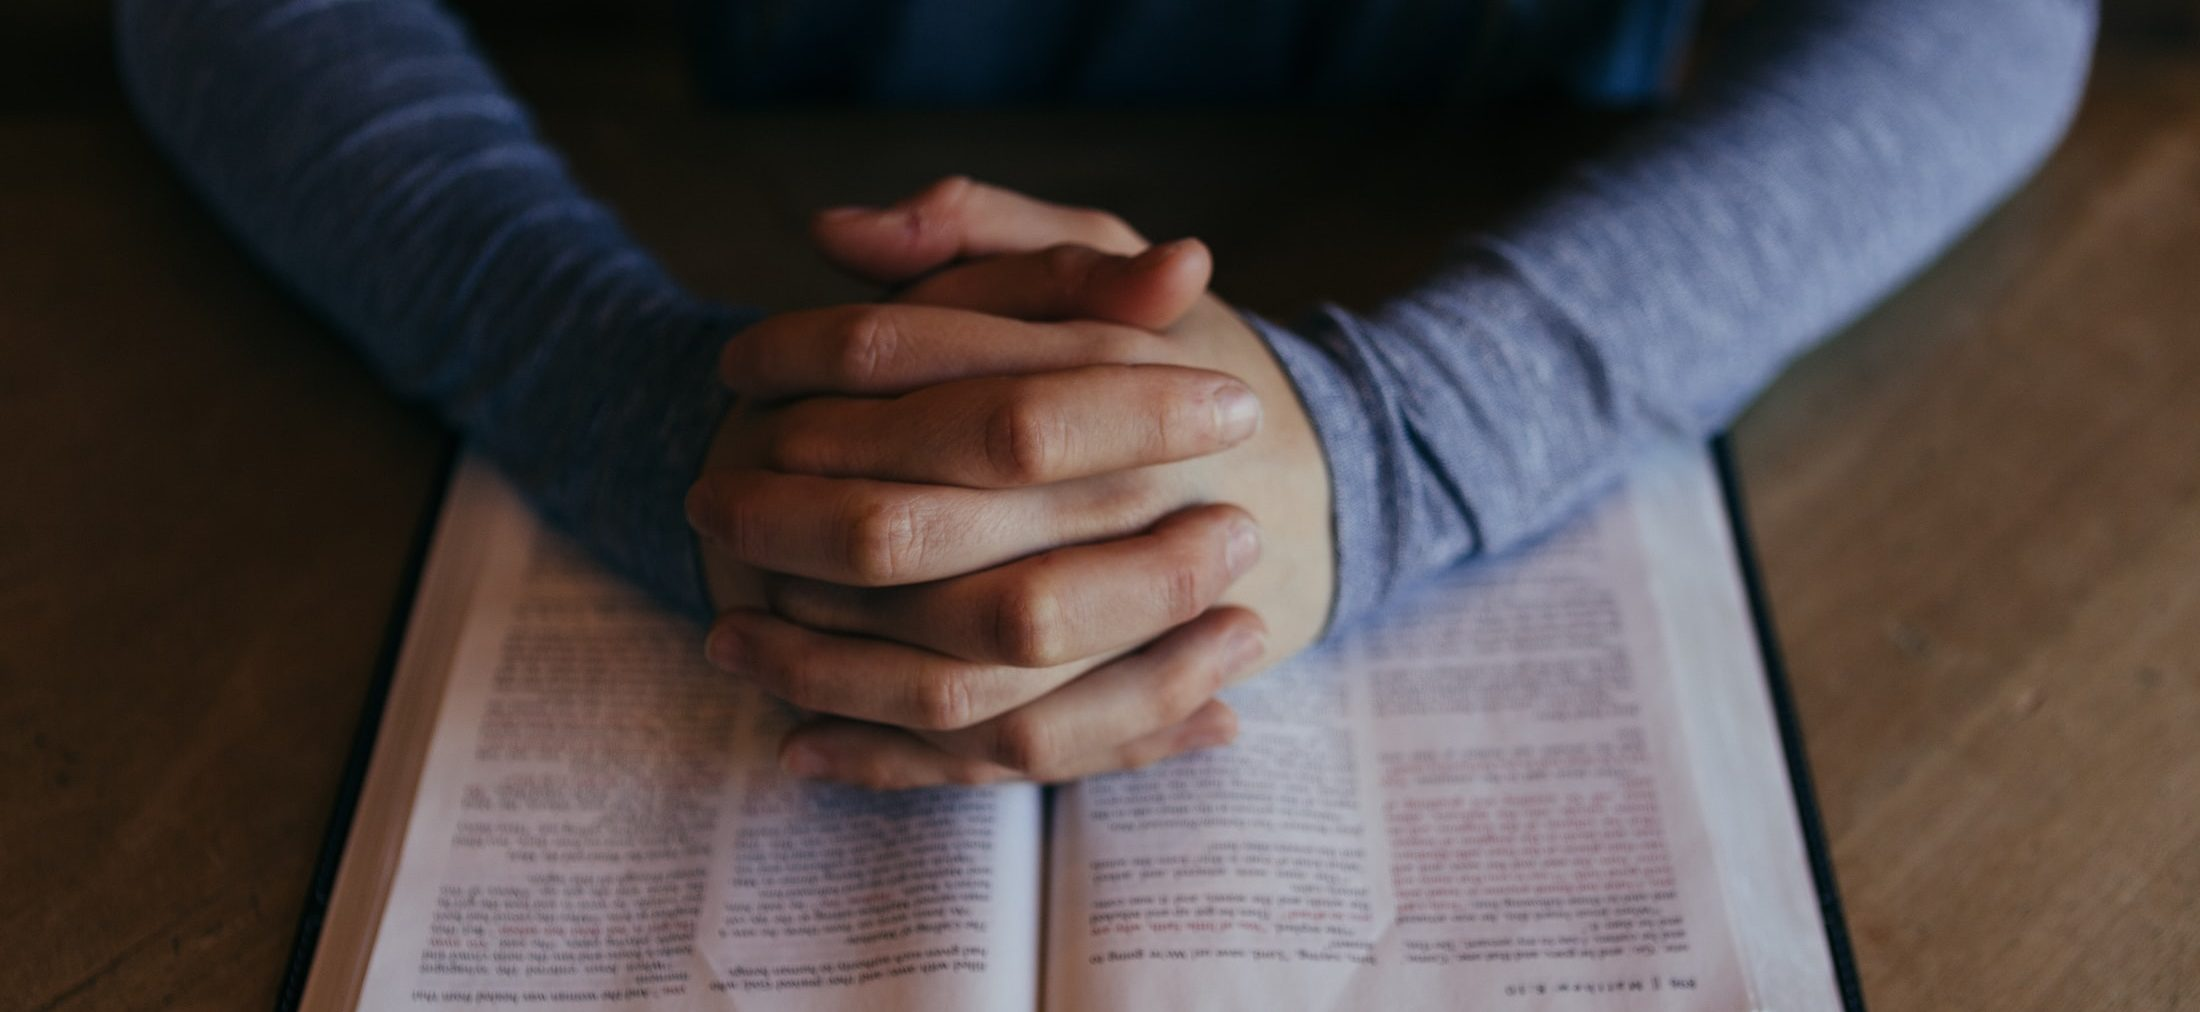 Prayer & Partner